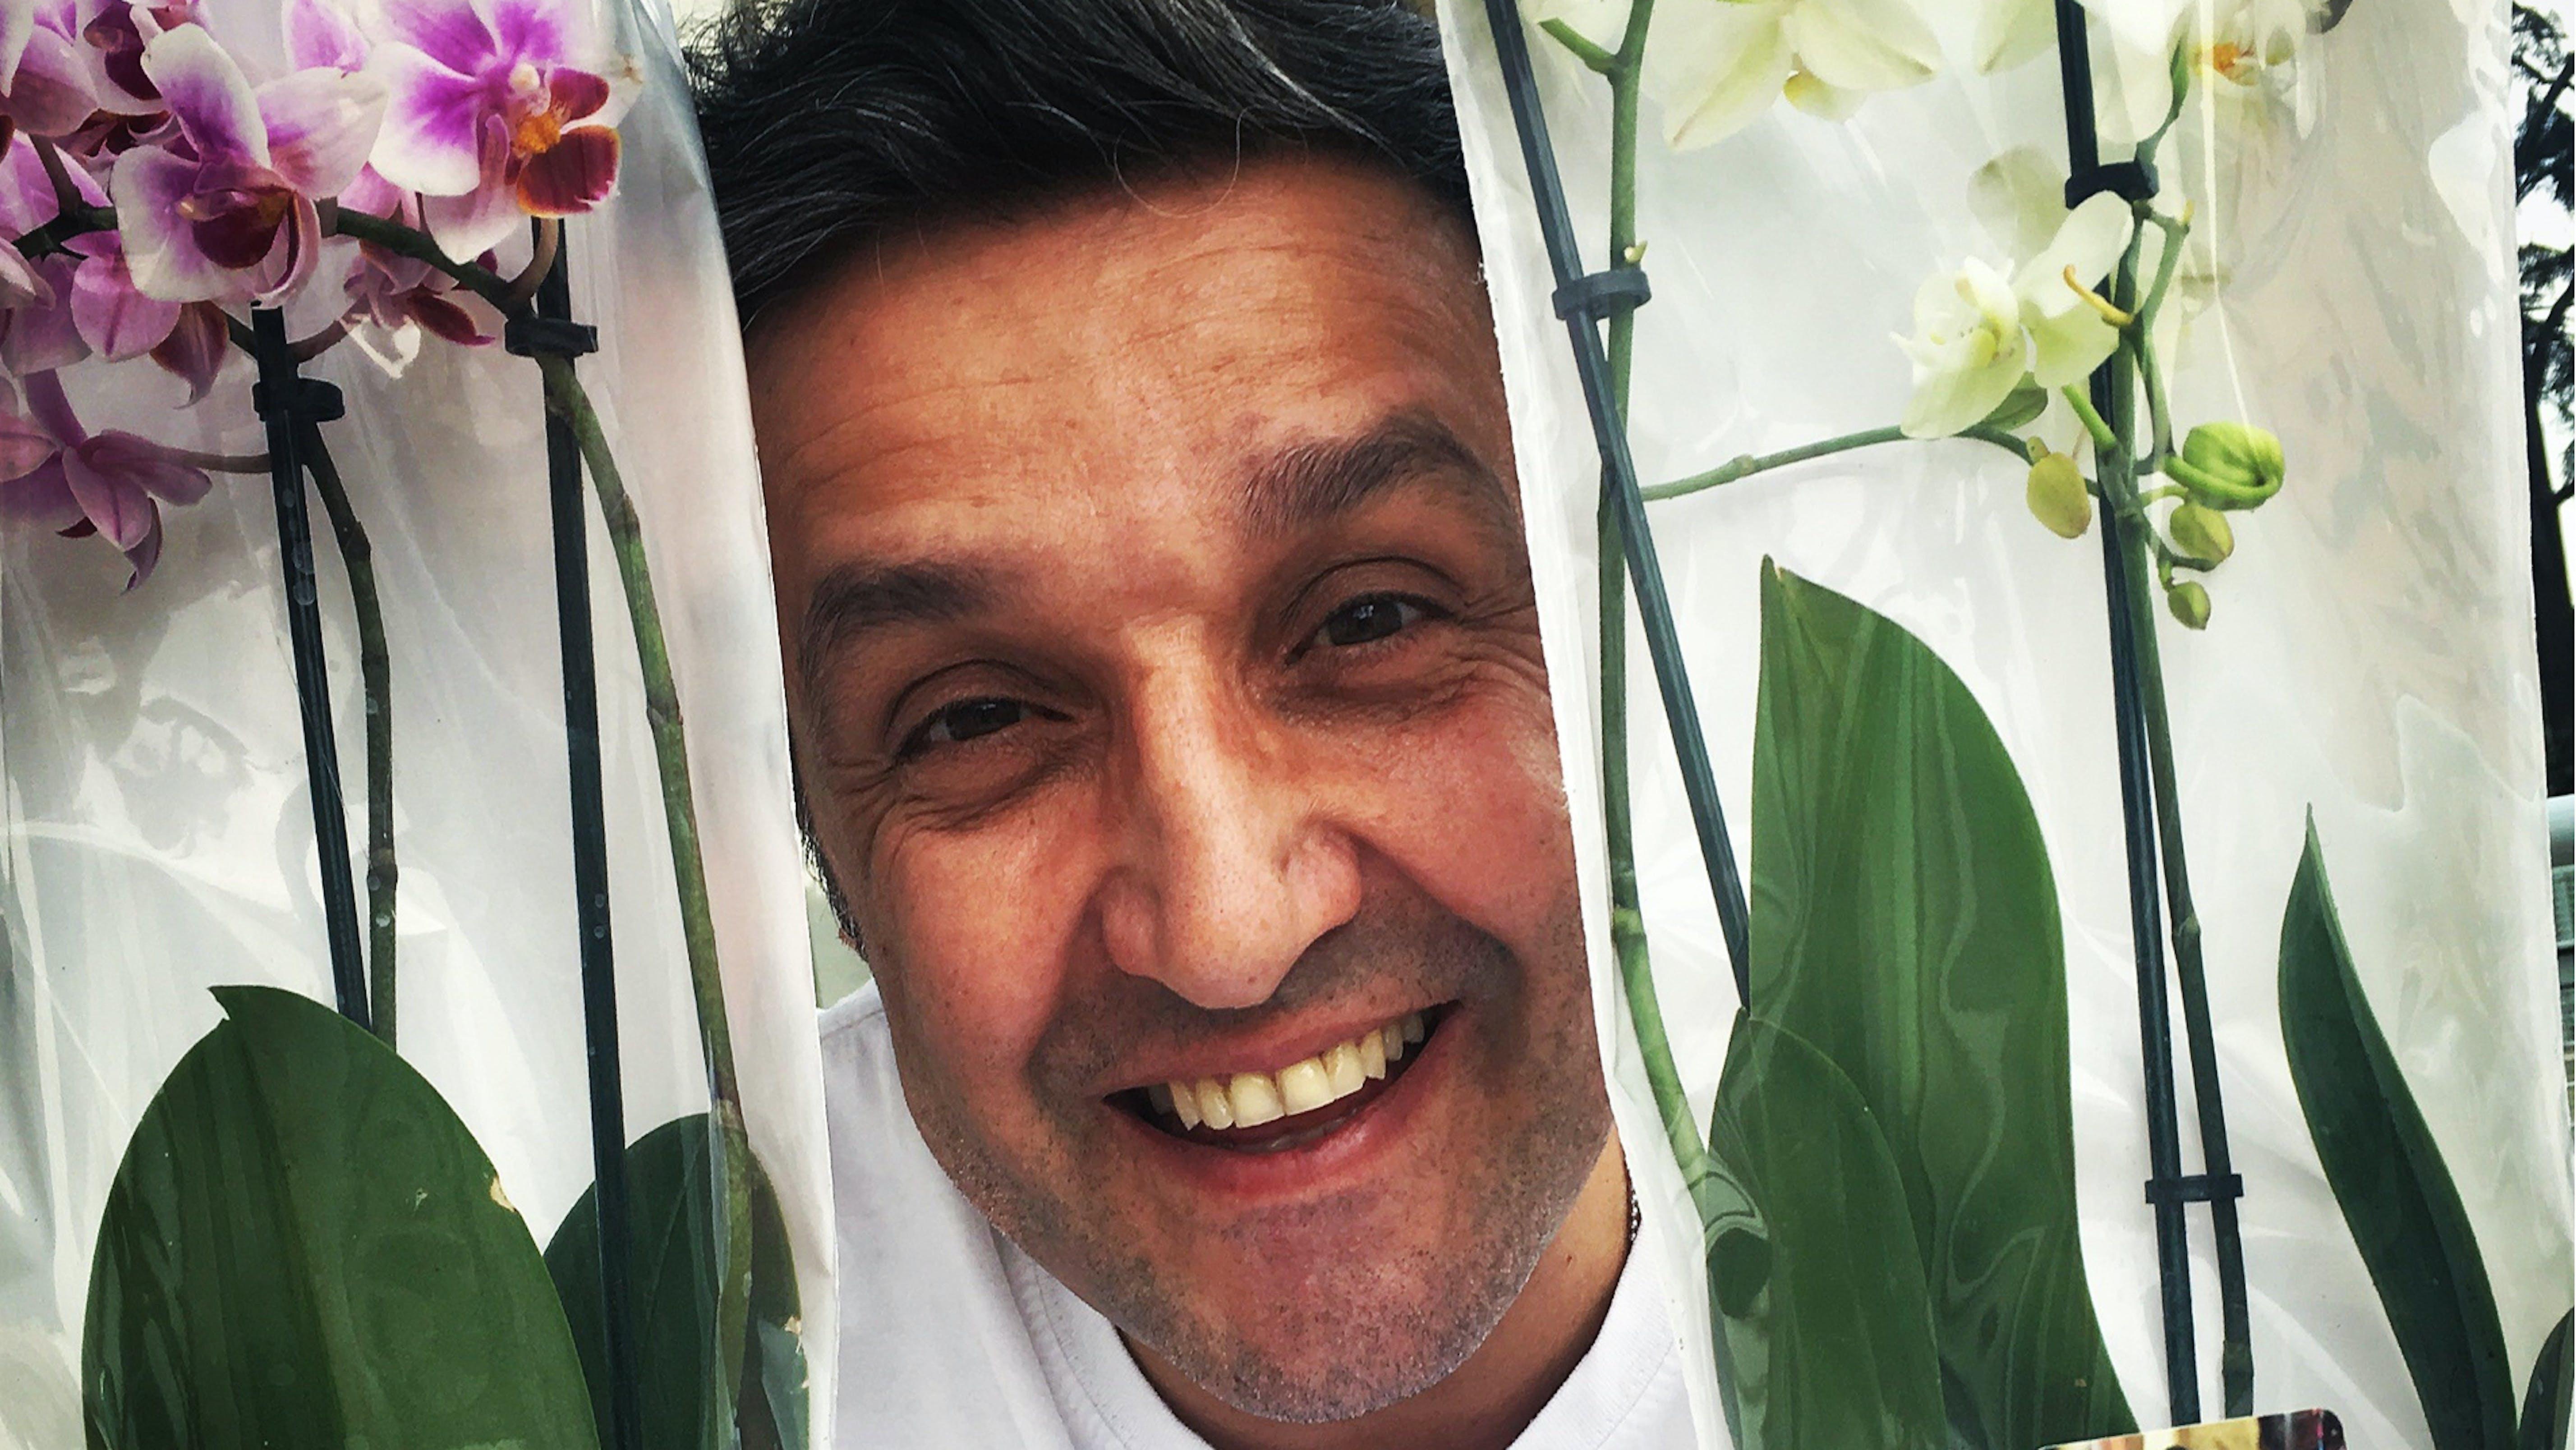 Il nostro Flavio Insinna con le orchidee UNICEF